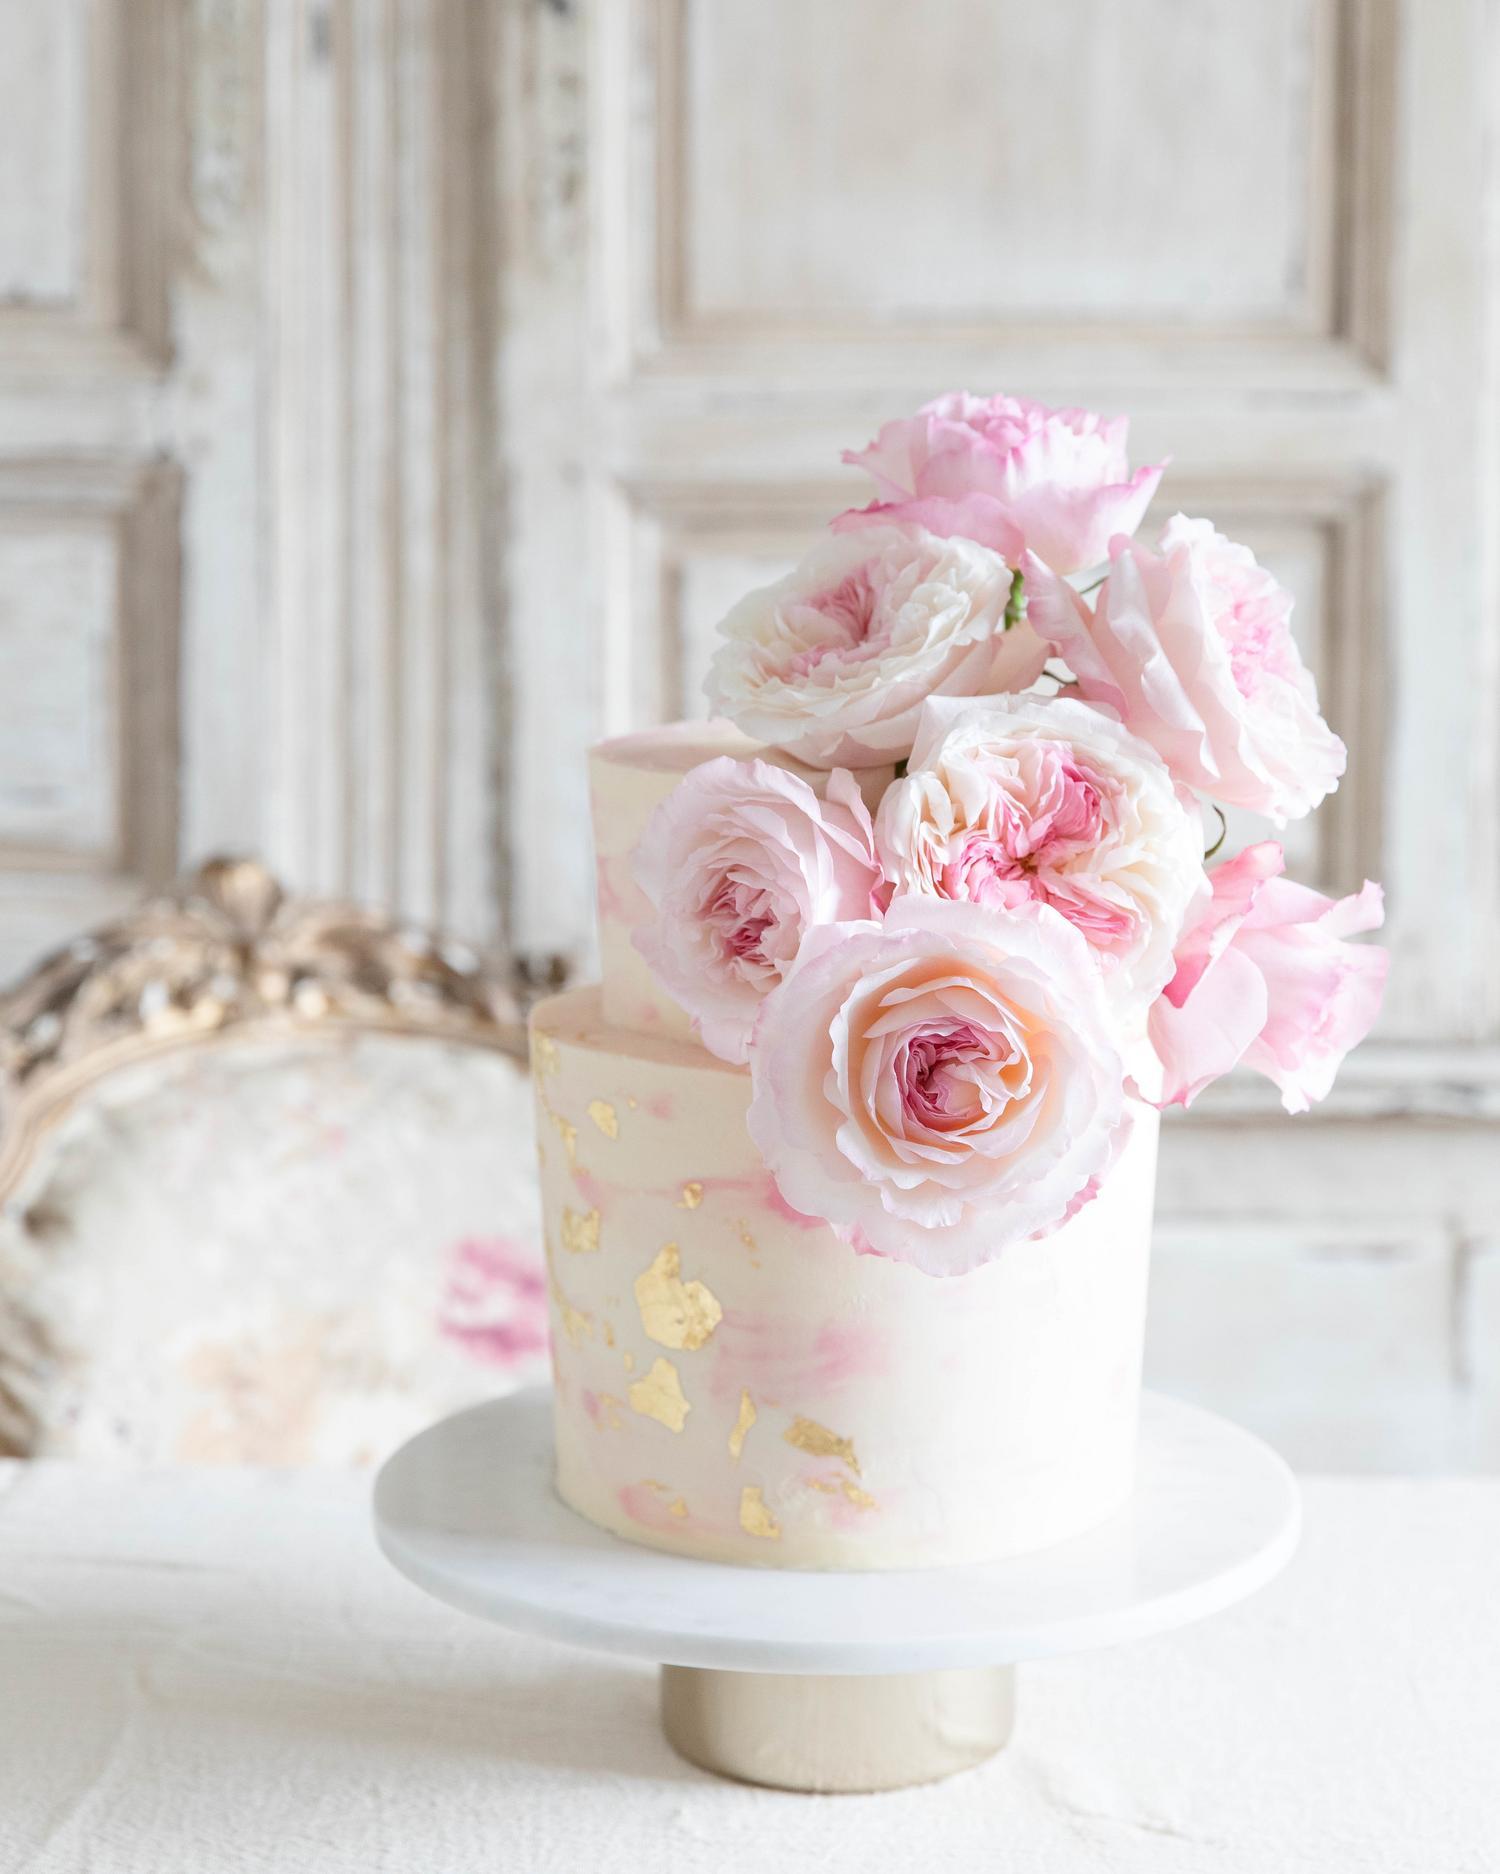 Keira Wedding Cake David Austin Cut Roses